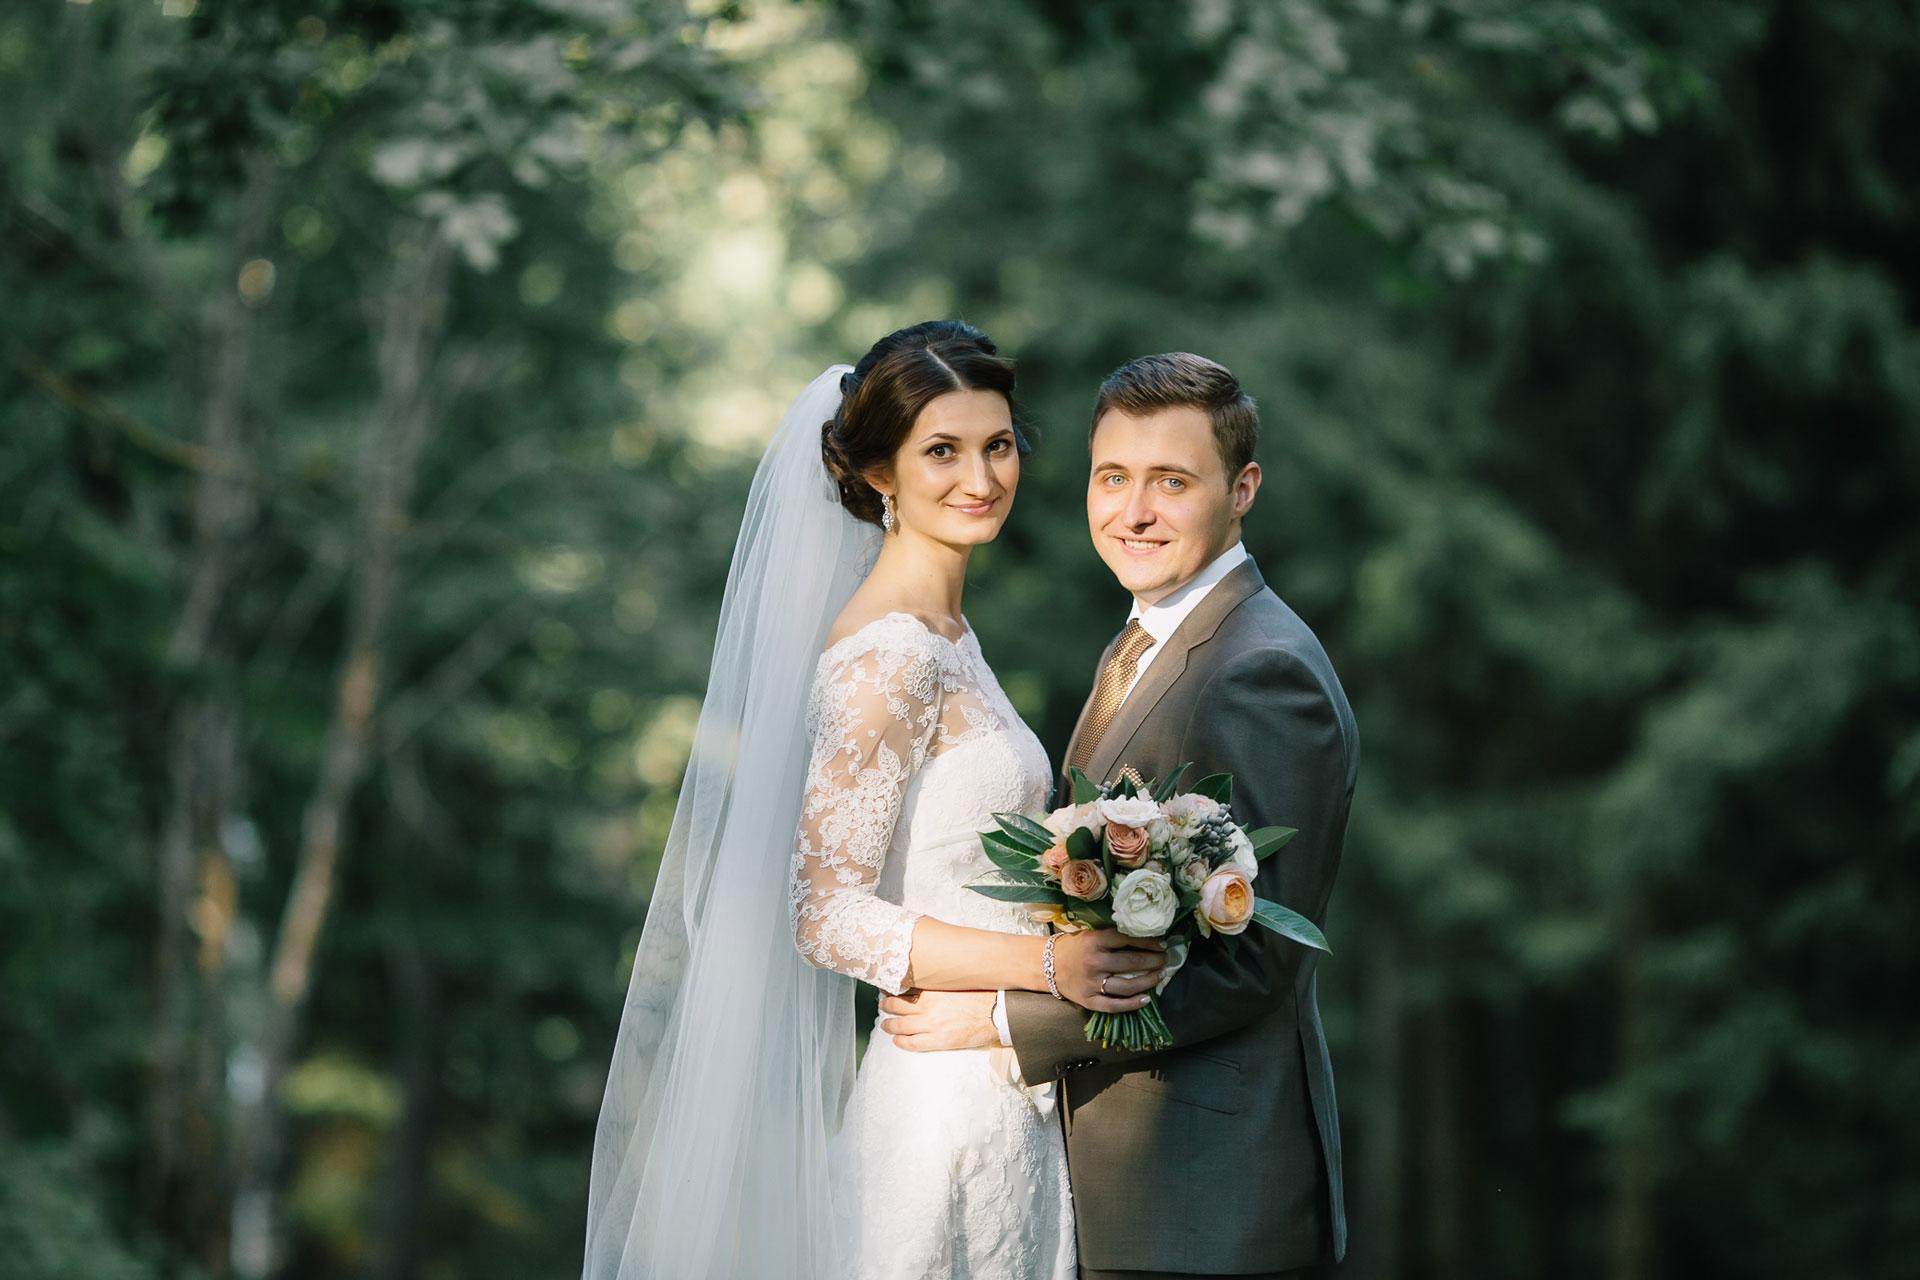 Русская усадьба. Свадьба Антона и Виктории фото 22